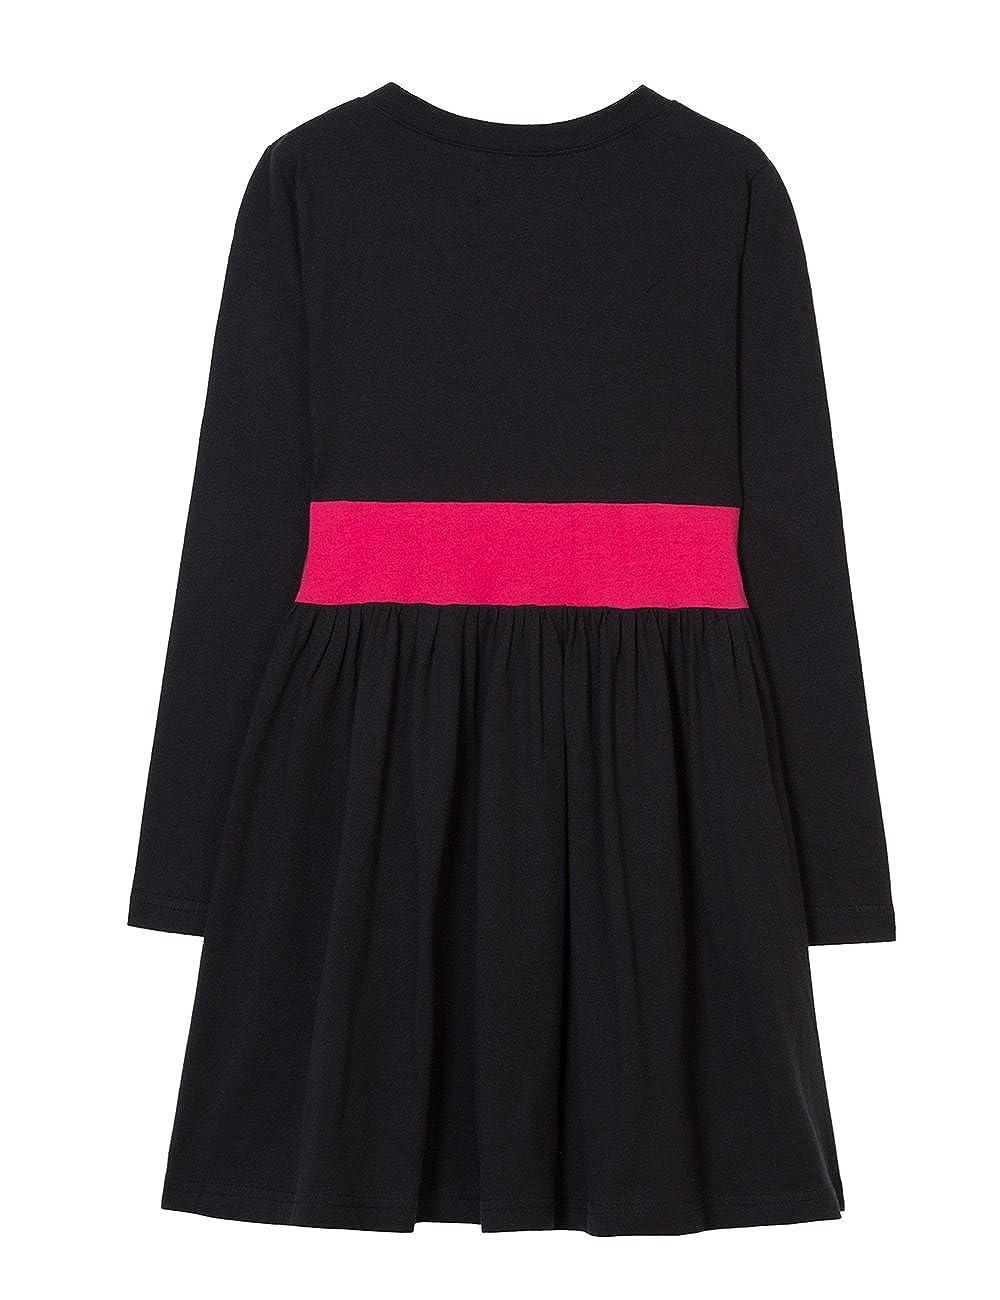 präsentieren Super Rabatt rationelle Konstruktion Desigual Girls Vest_Star Dress Amazon Fashion Girls nepguru.com